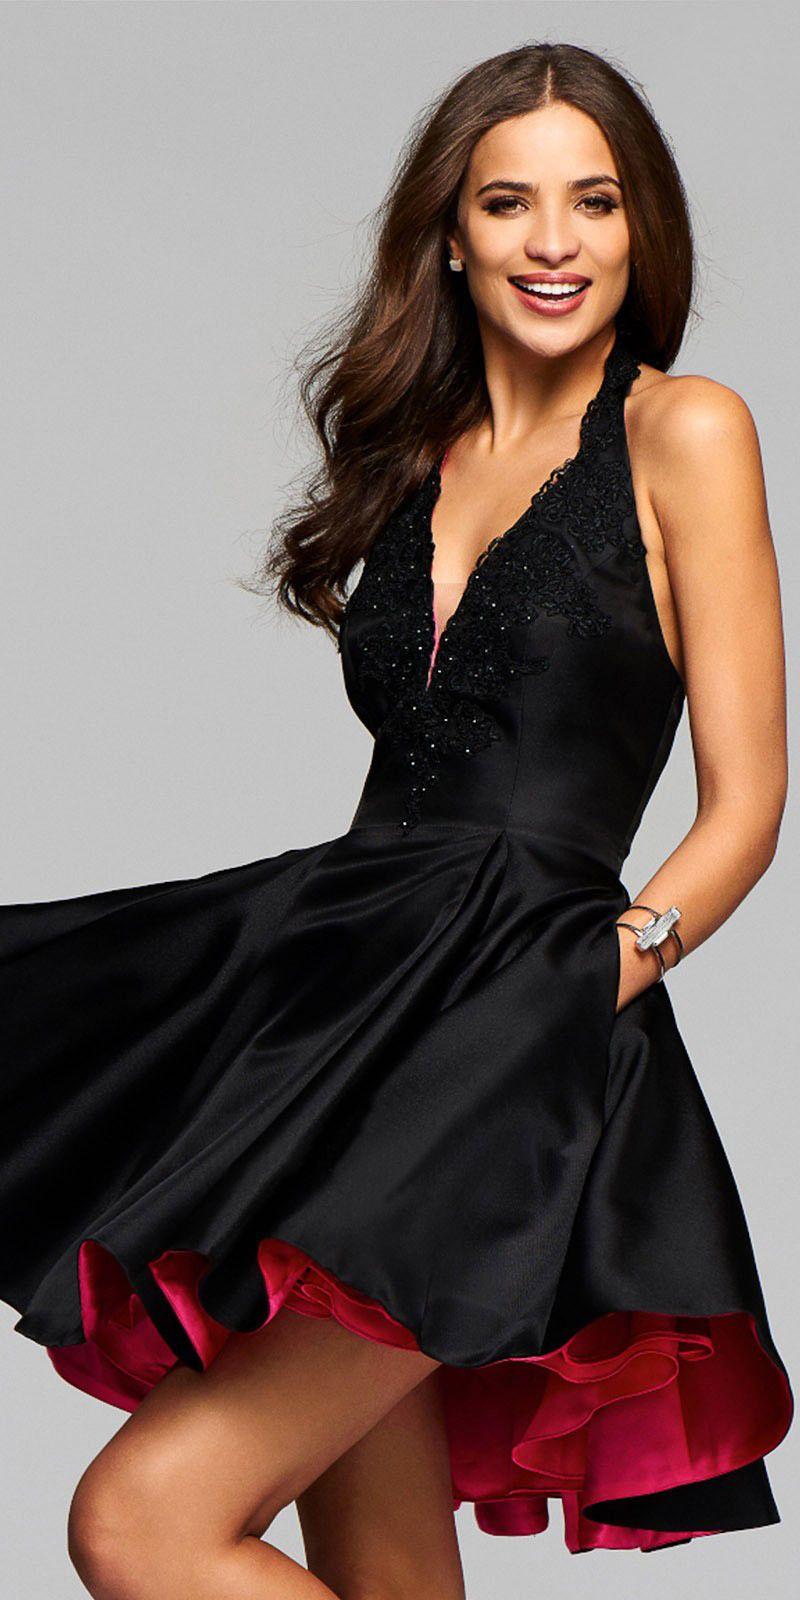 Fullsize Of Black Cocktail Dress